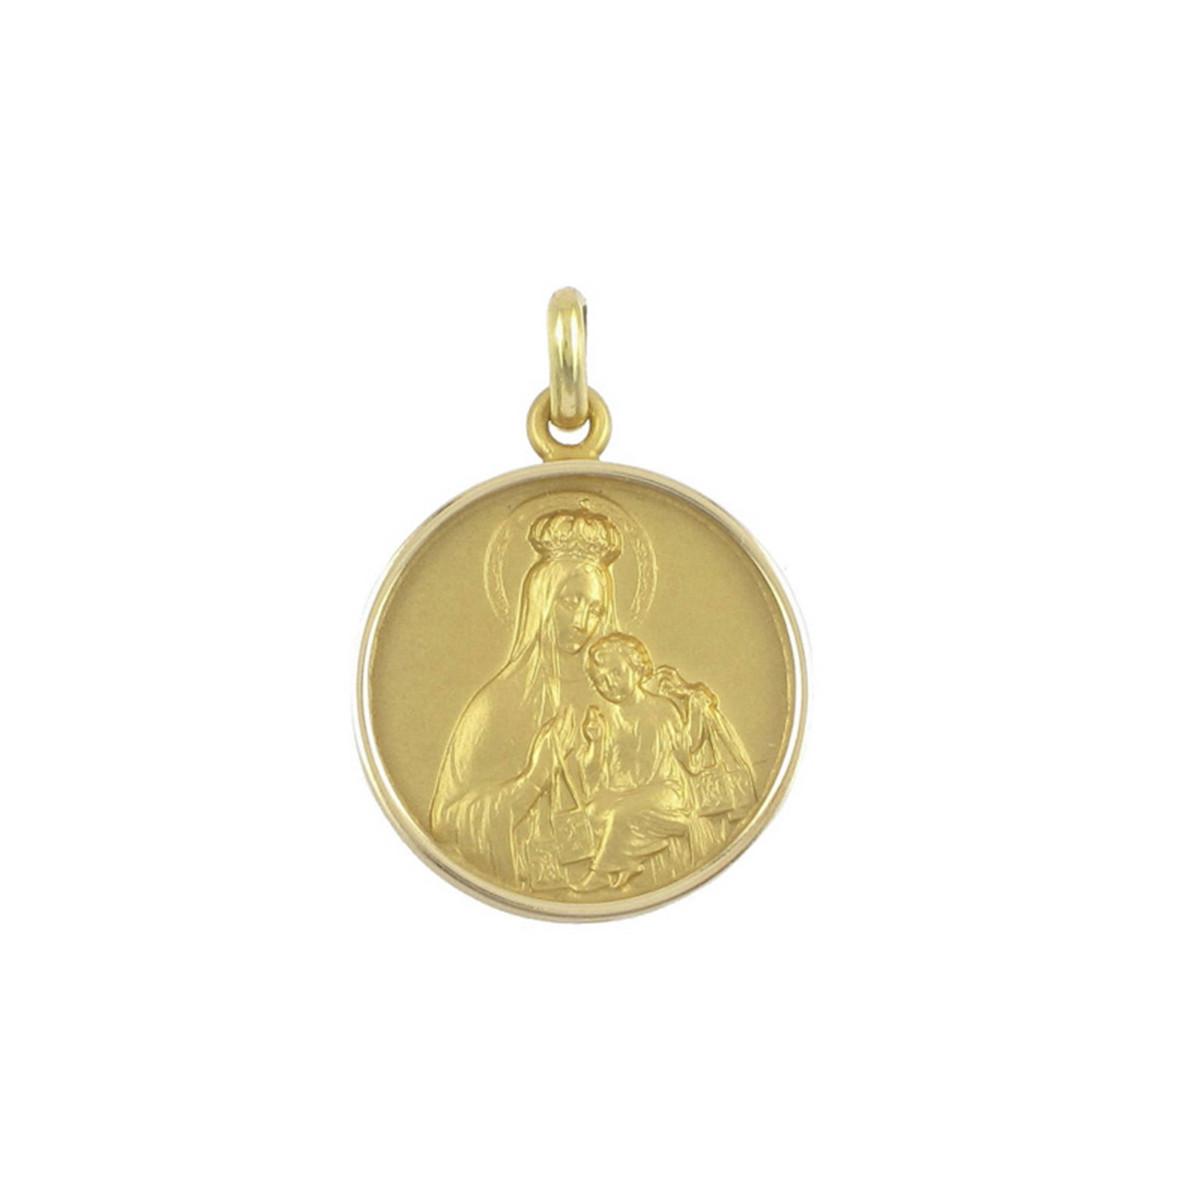 GOLD BEVEL SCAPULAR 21 MM